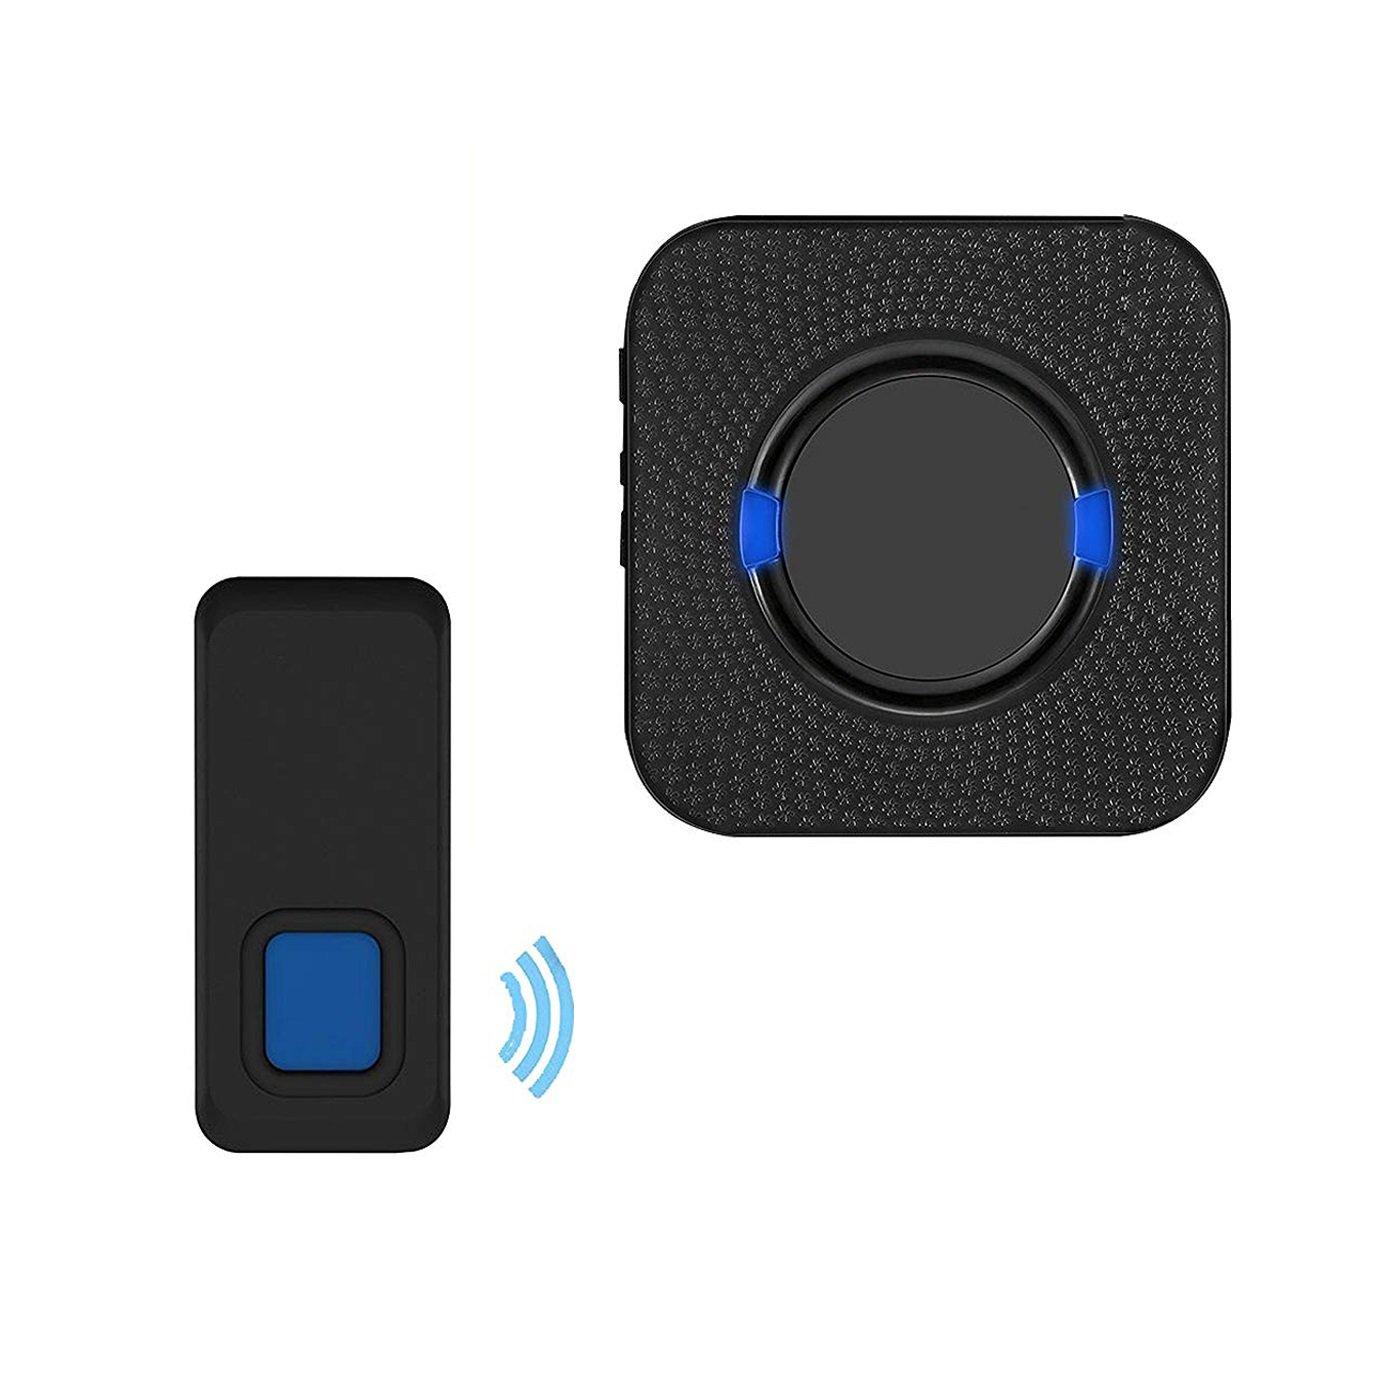 MUTANG Wireless Doorbell Waterproof Door Chime Kit With 1 Plug-in Receivers & 1 Push Button 300m Electric Doorbell 5 Level Volume